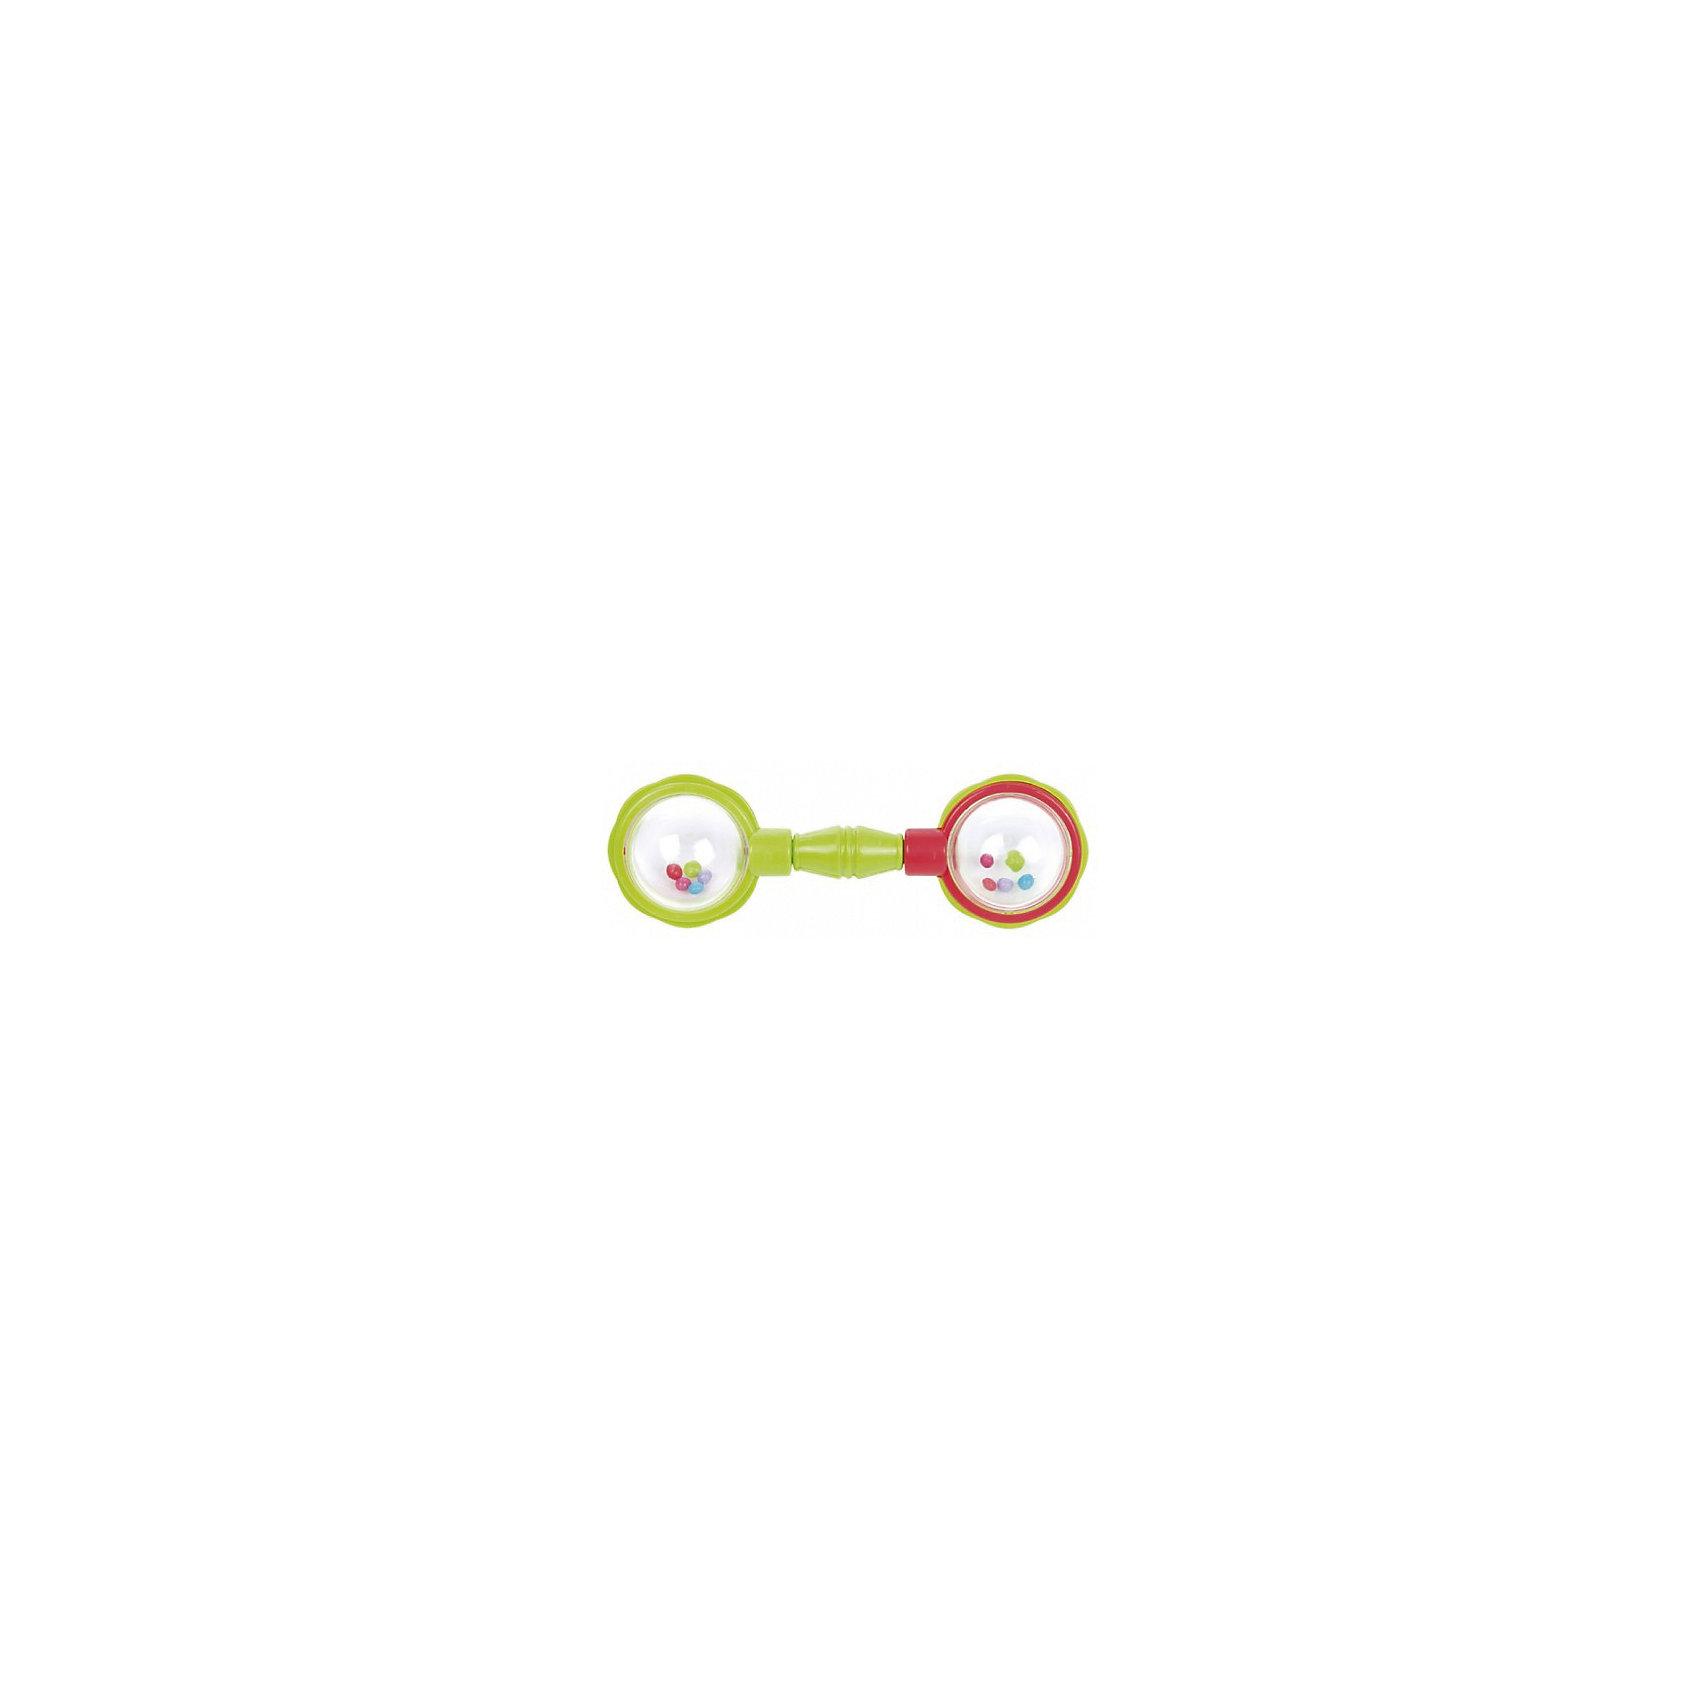 Canpol Babies Погремушка-штанга, 0+, Canpol Babies, бирюзовый canpol babies погремушка бабочка 0 canpol babies зеленый